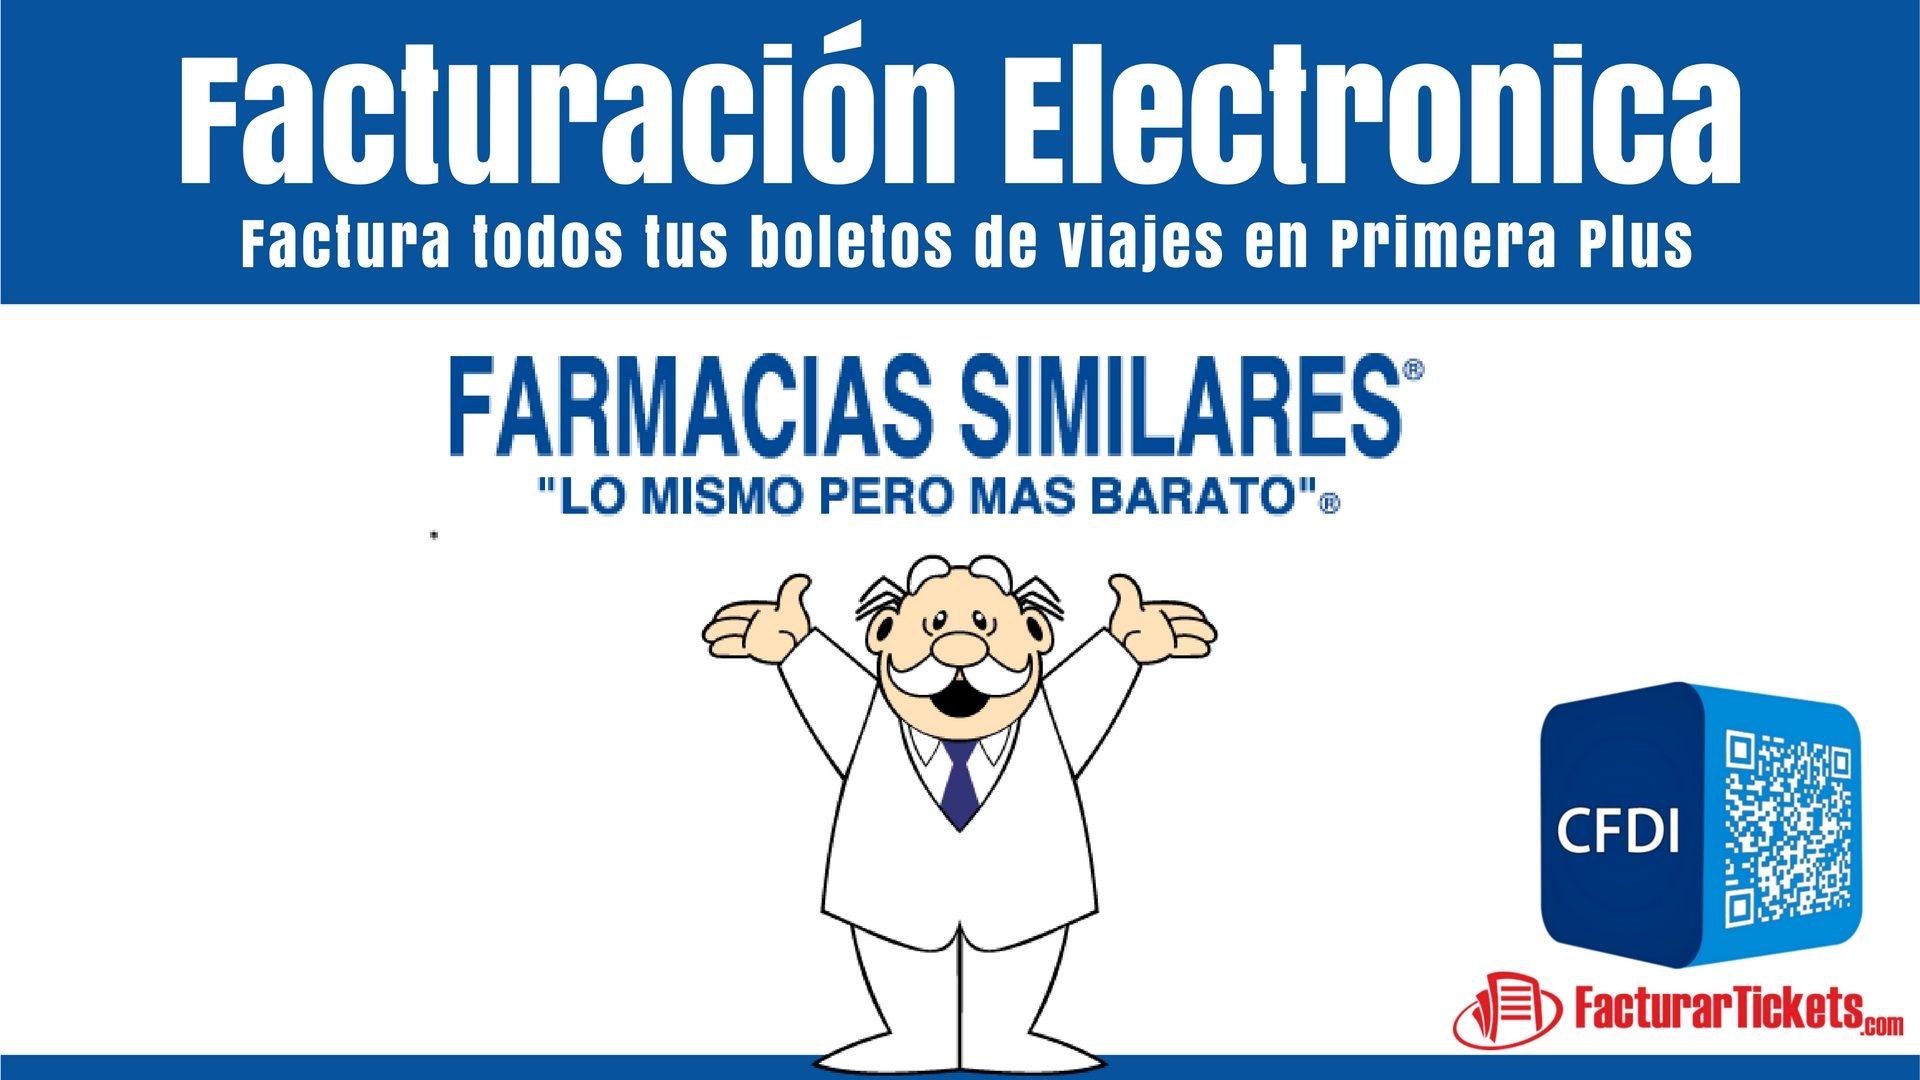 facturacion electronica Farmacias Similares del Dr Simi